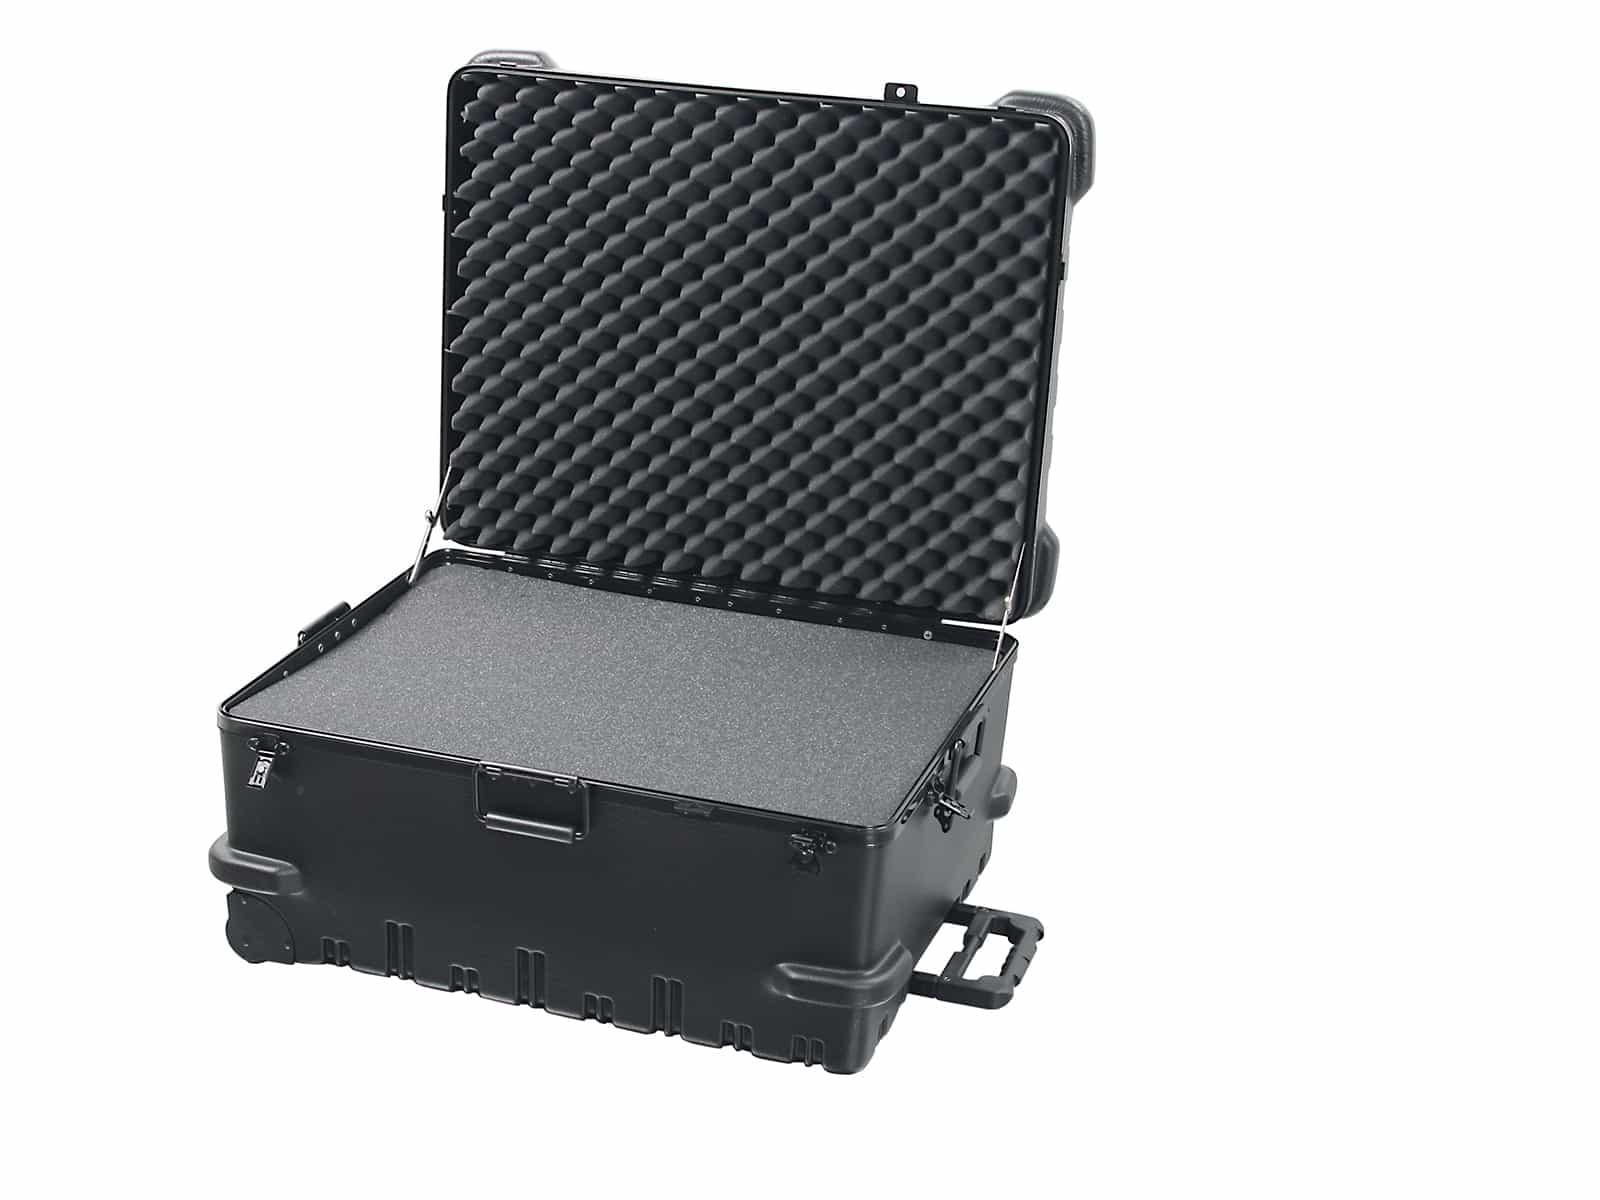 Chicago Case L 5551 Trolley Werkzeugkoffer / Präsentationskoffer inkl. Würfelschaumstoff 96 ltr.